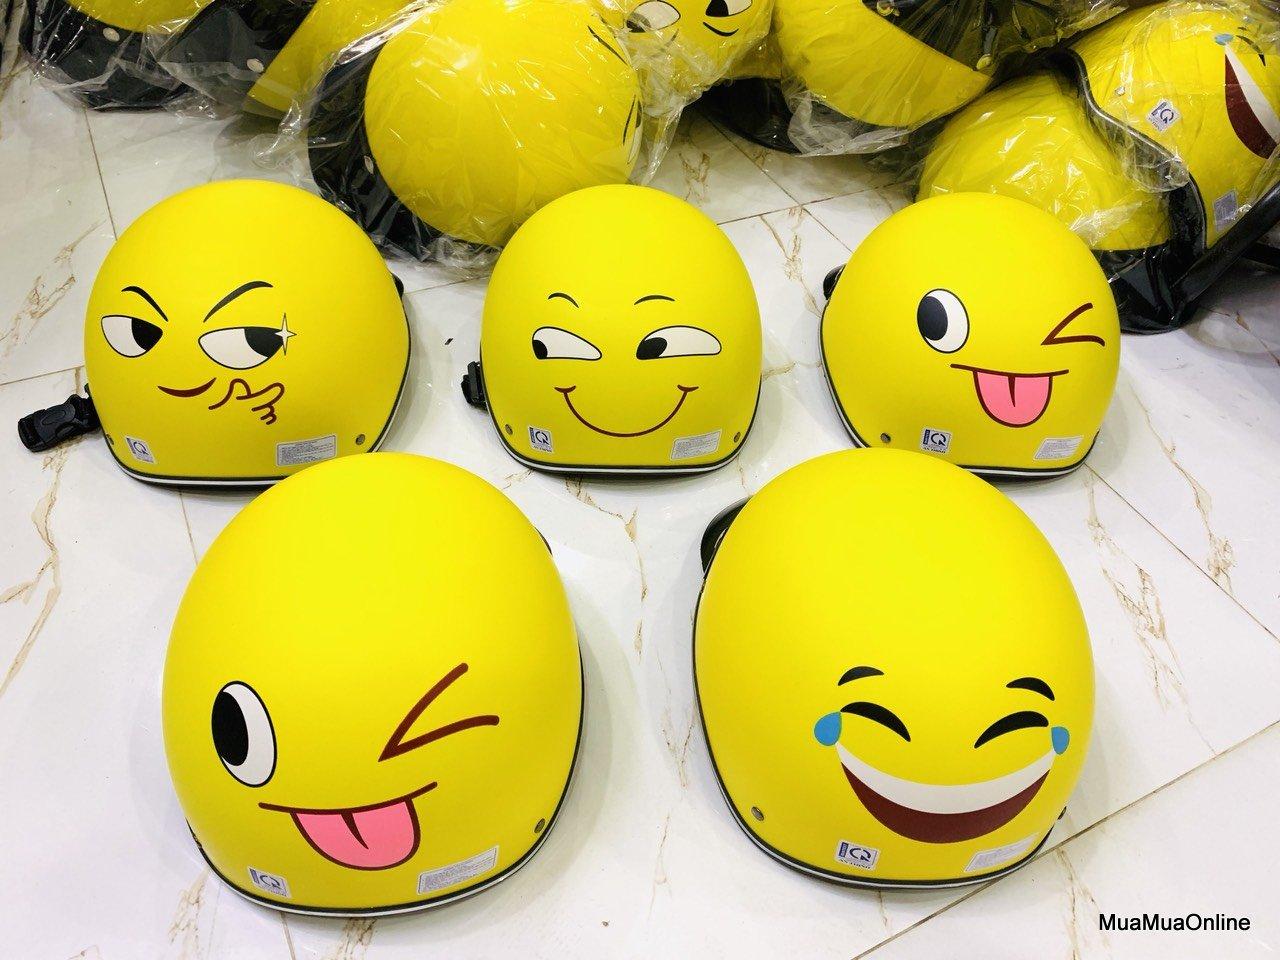 Nón Bảo Hiểm Nửa Đầu Cảm Xúc Hình Emoji